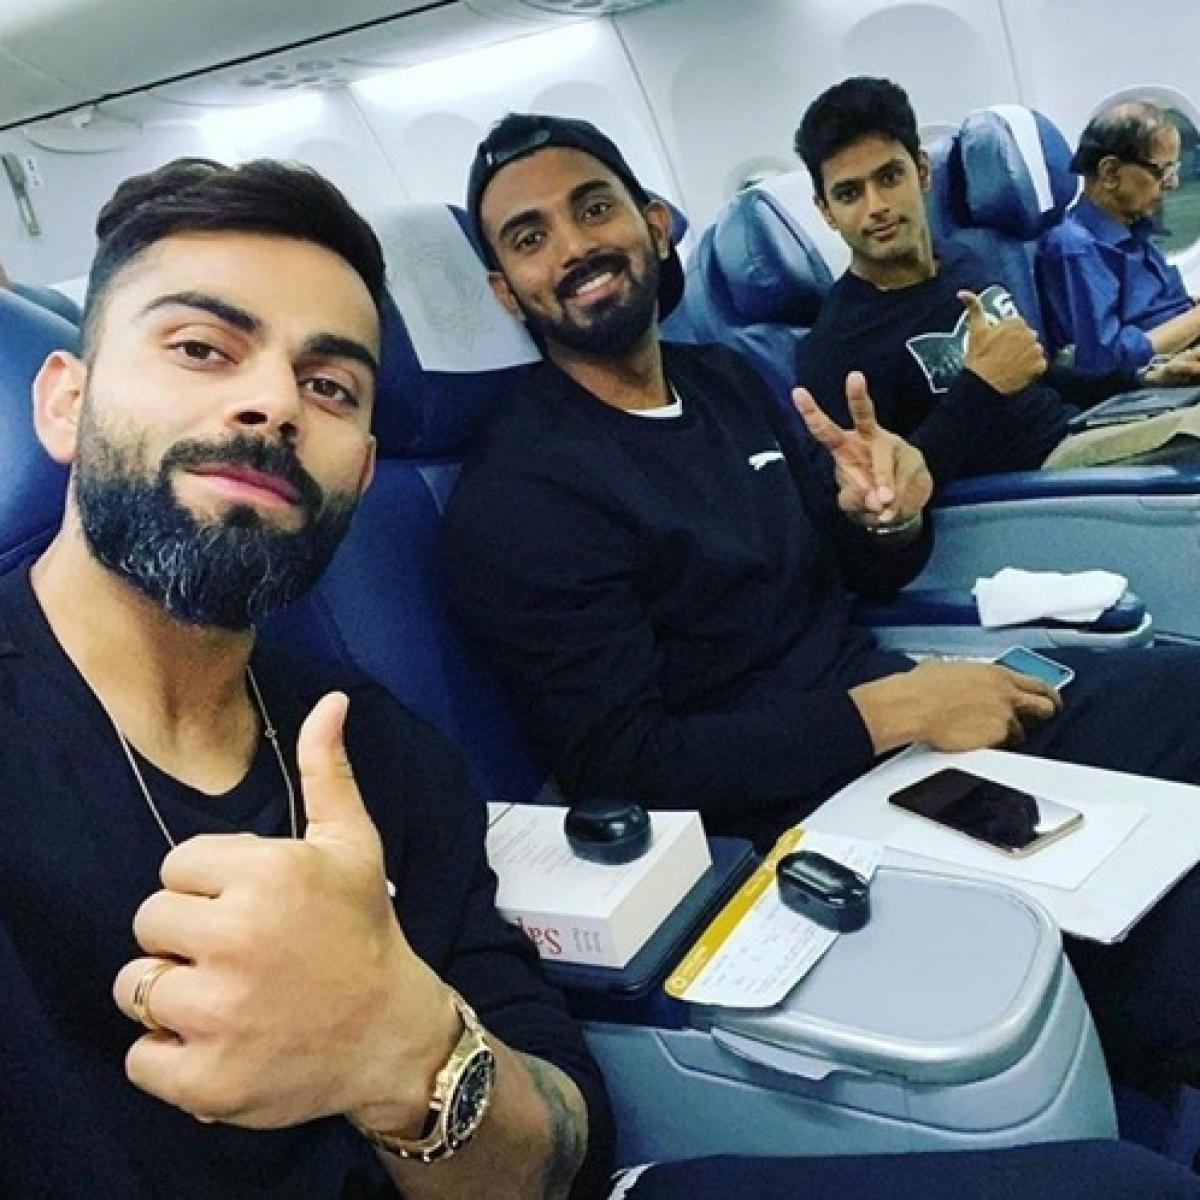 India vs West Indies:Virat Kohli shares selfie with KL Rahul, Shivam Dube ahead of T20I series